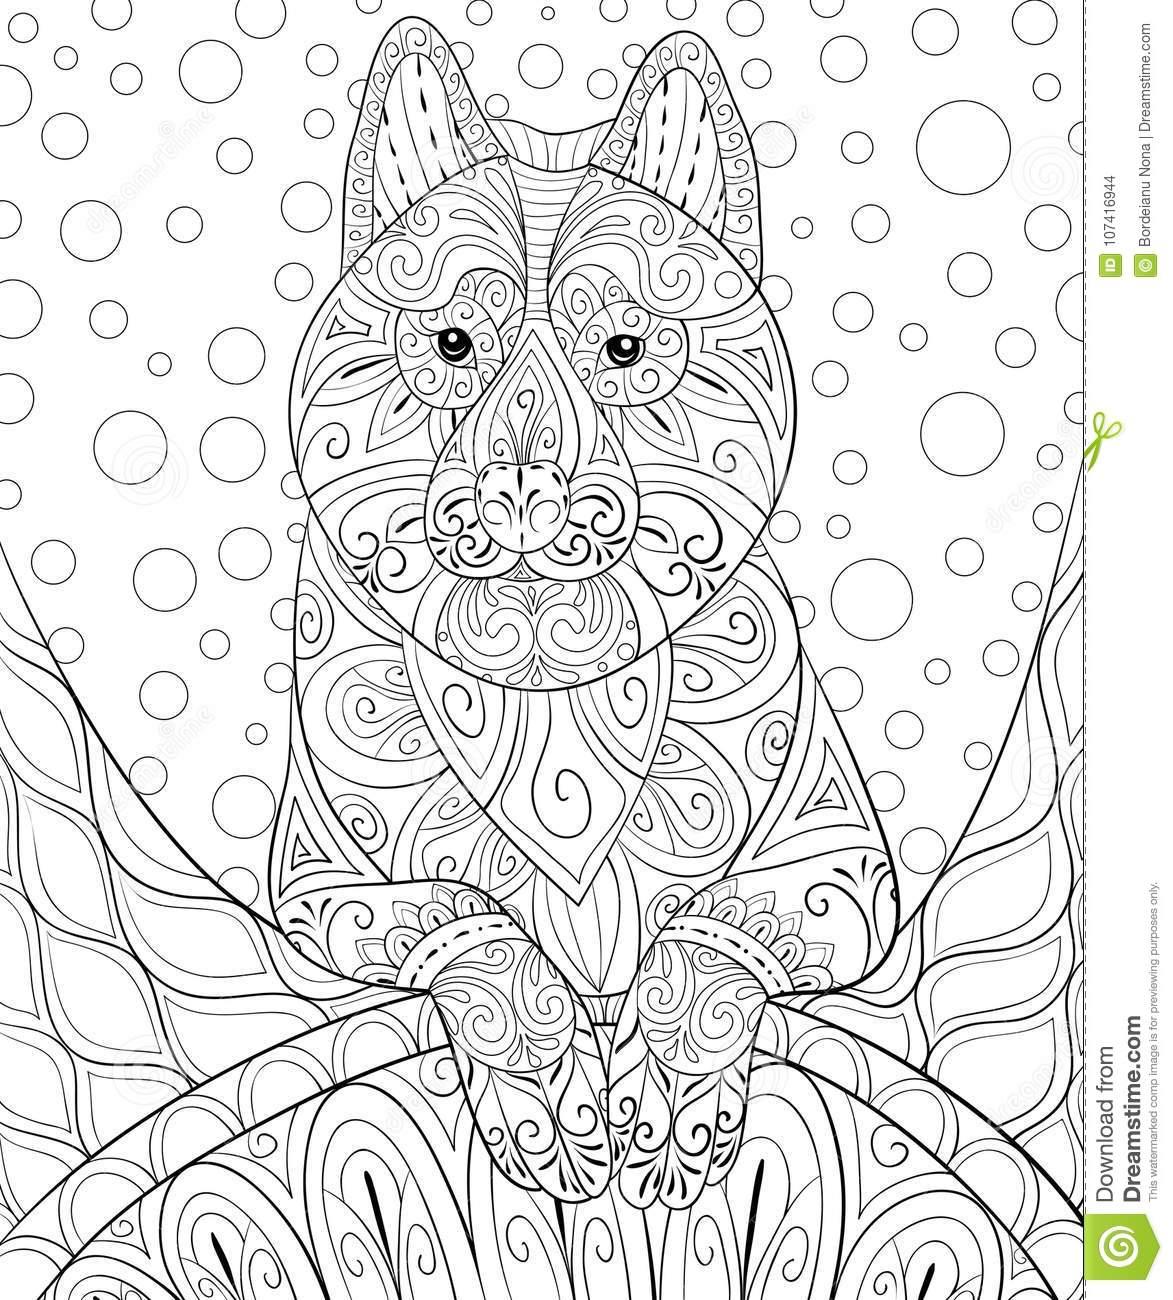 livre de coloriage adulte paginent un chien mignon sur le fond abstrait pour la détente illustration style d art zen